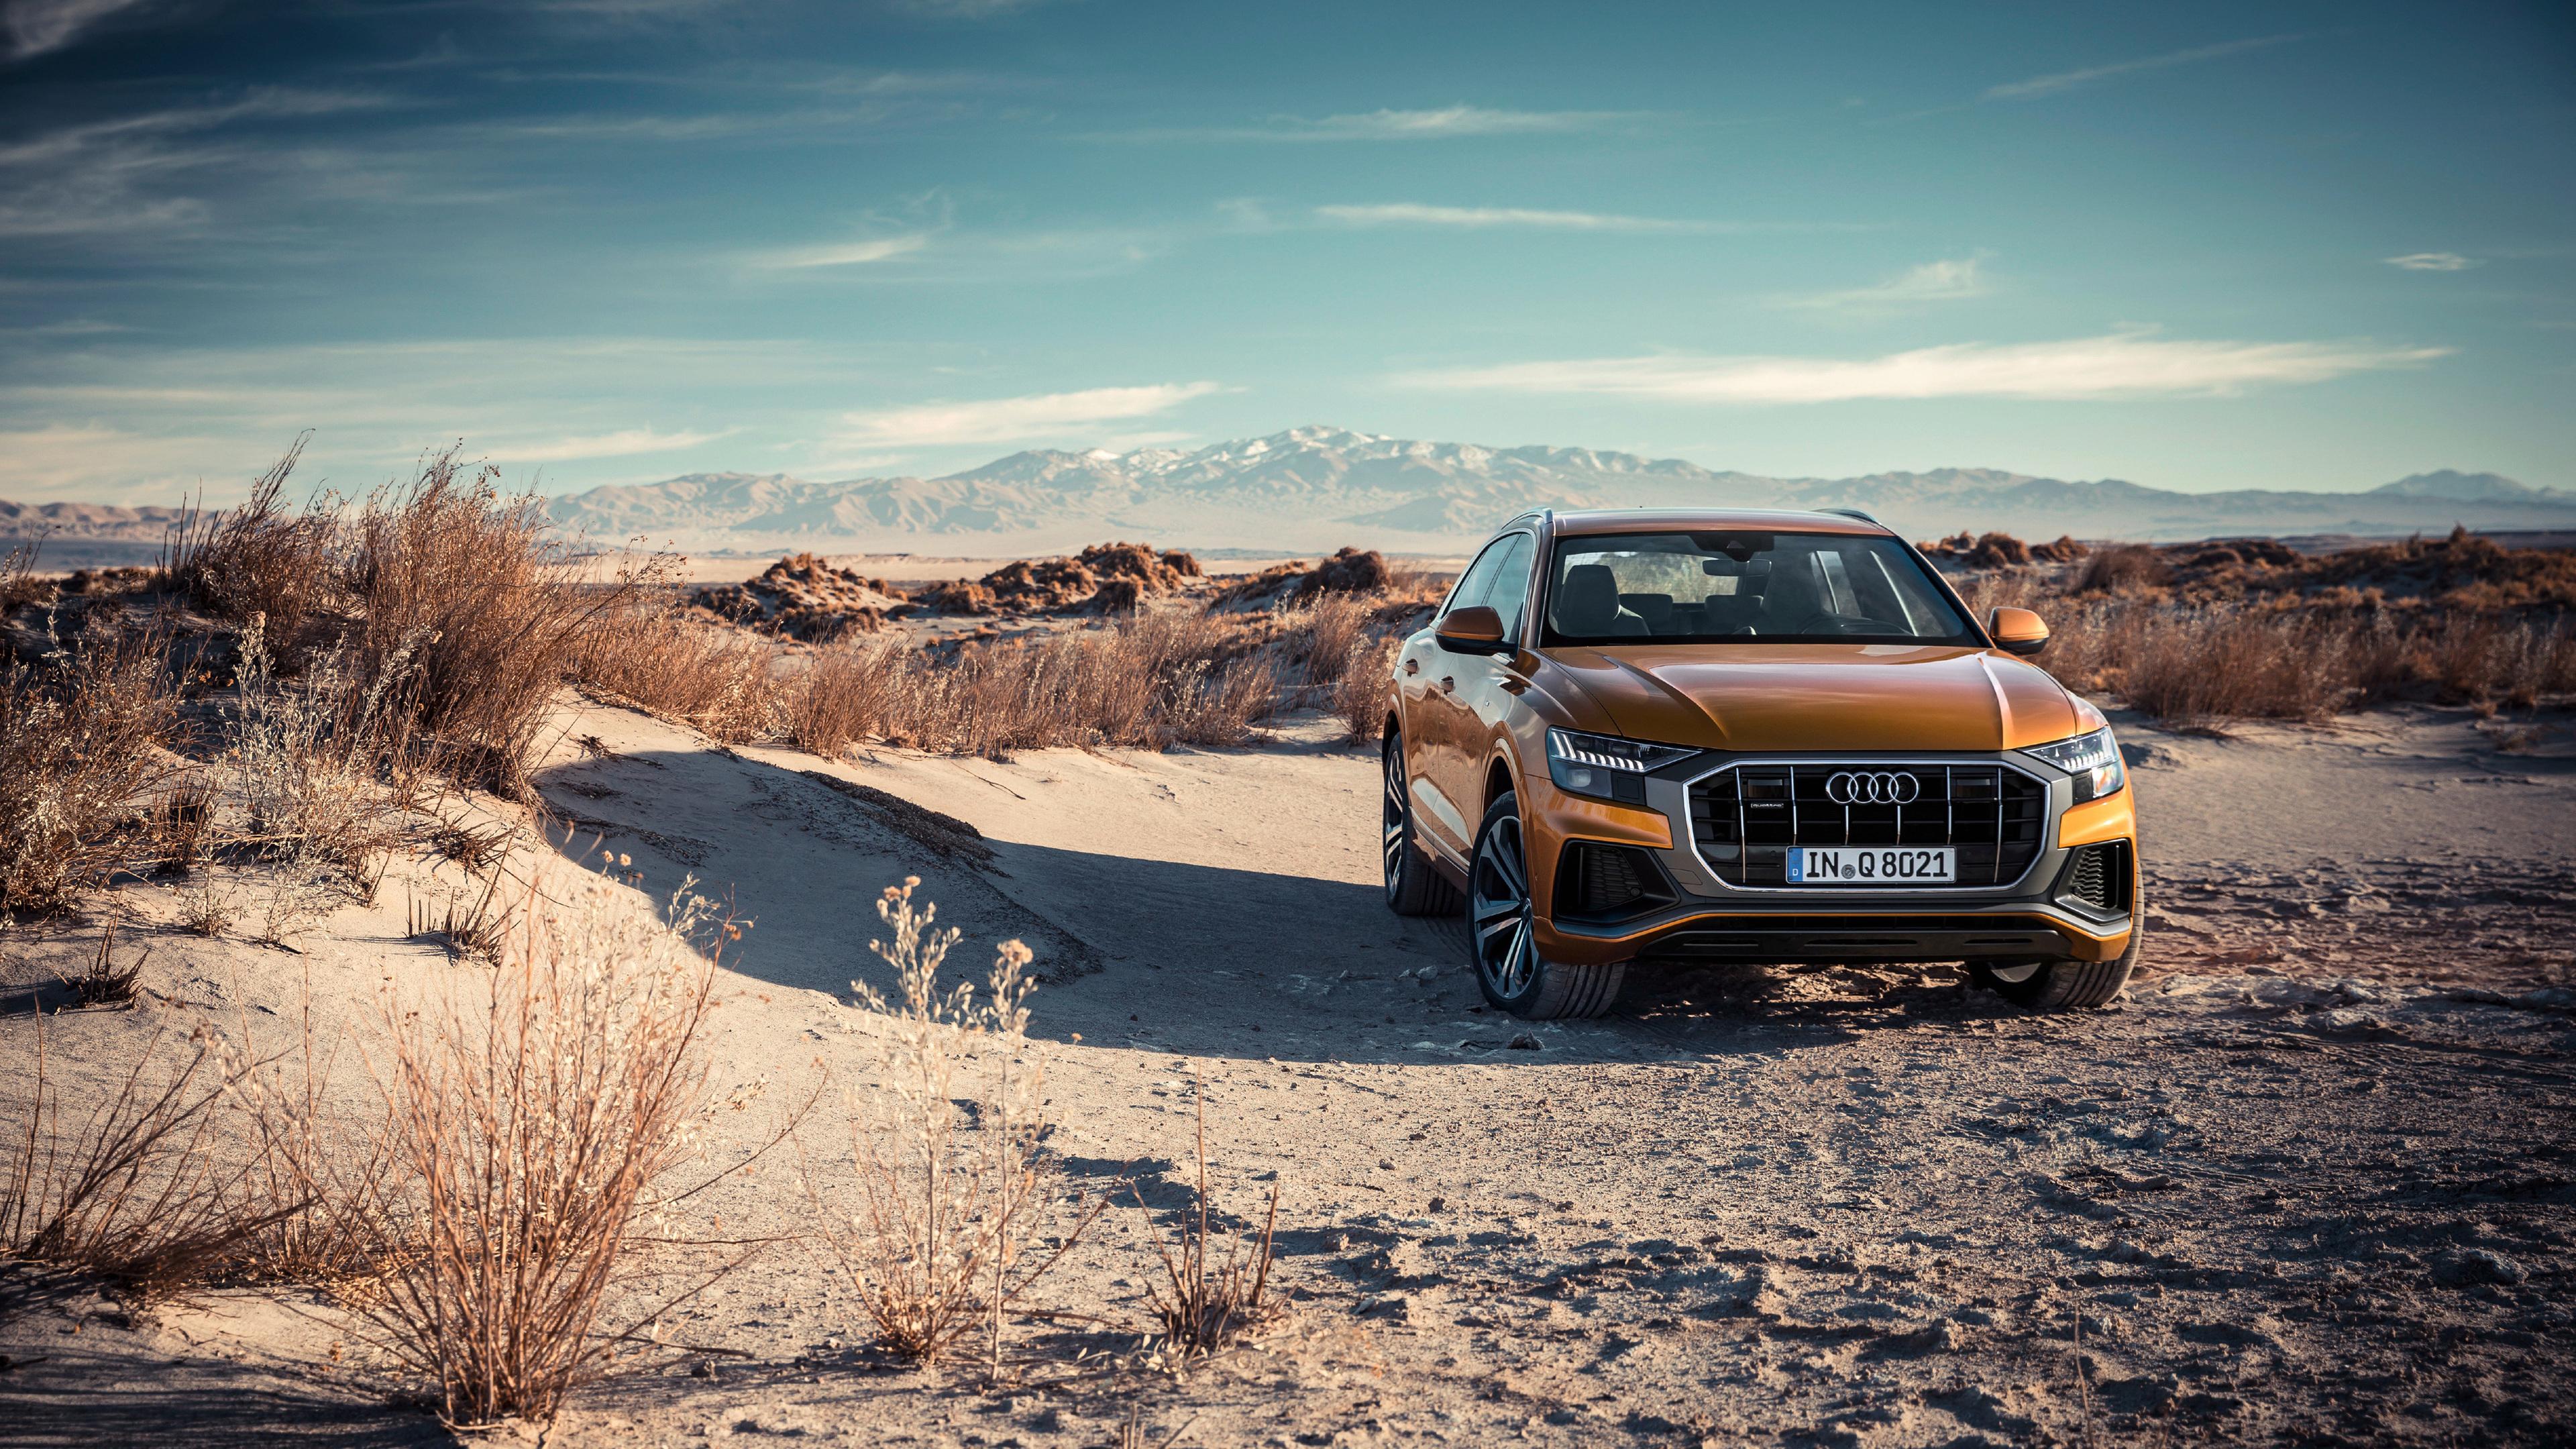 audi q8 55 tfsi quattro s 4k 1539112207 - Audi Q8 55 TFSI Quattro S 4k - hd-wallpapers, cars wallpapers, audi wallpapers, audi q8 wallpapers, 4k-wallpapers, 2018 cars wallpapers